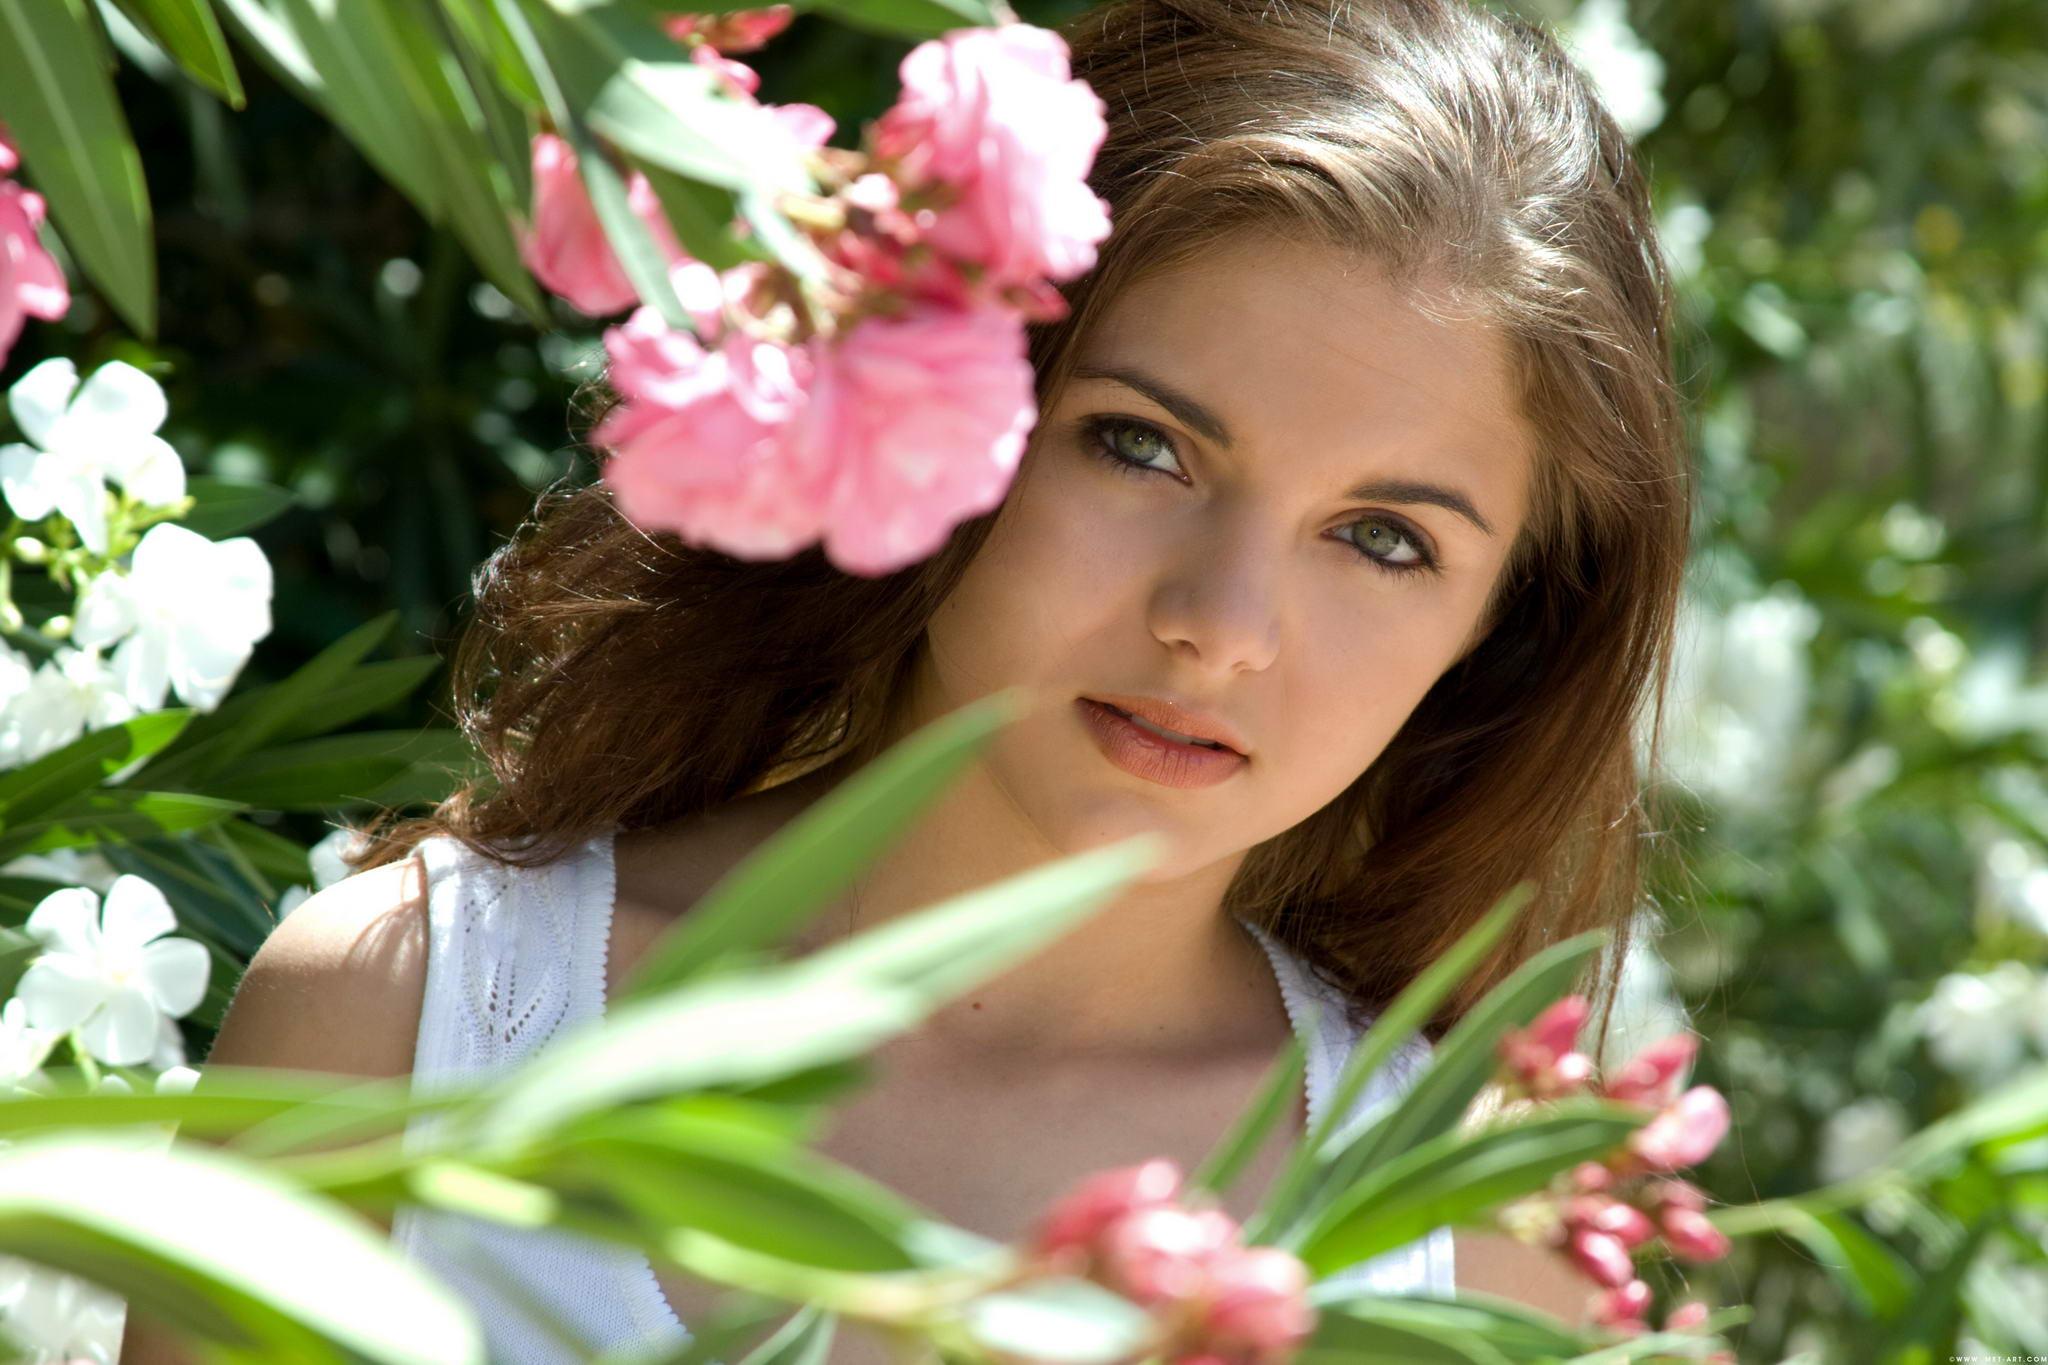 Фото женщины с цветами с боку